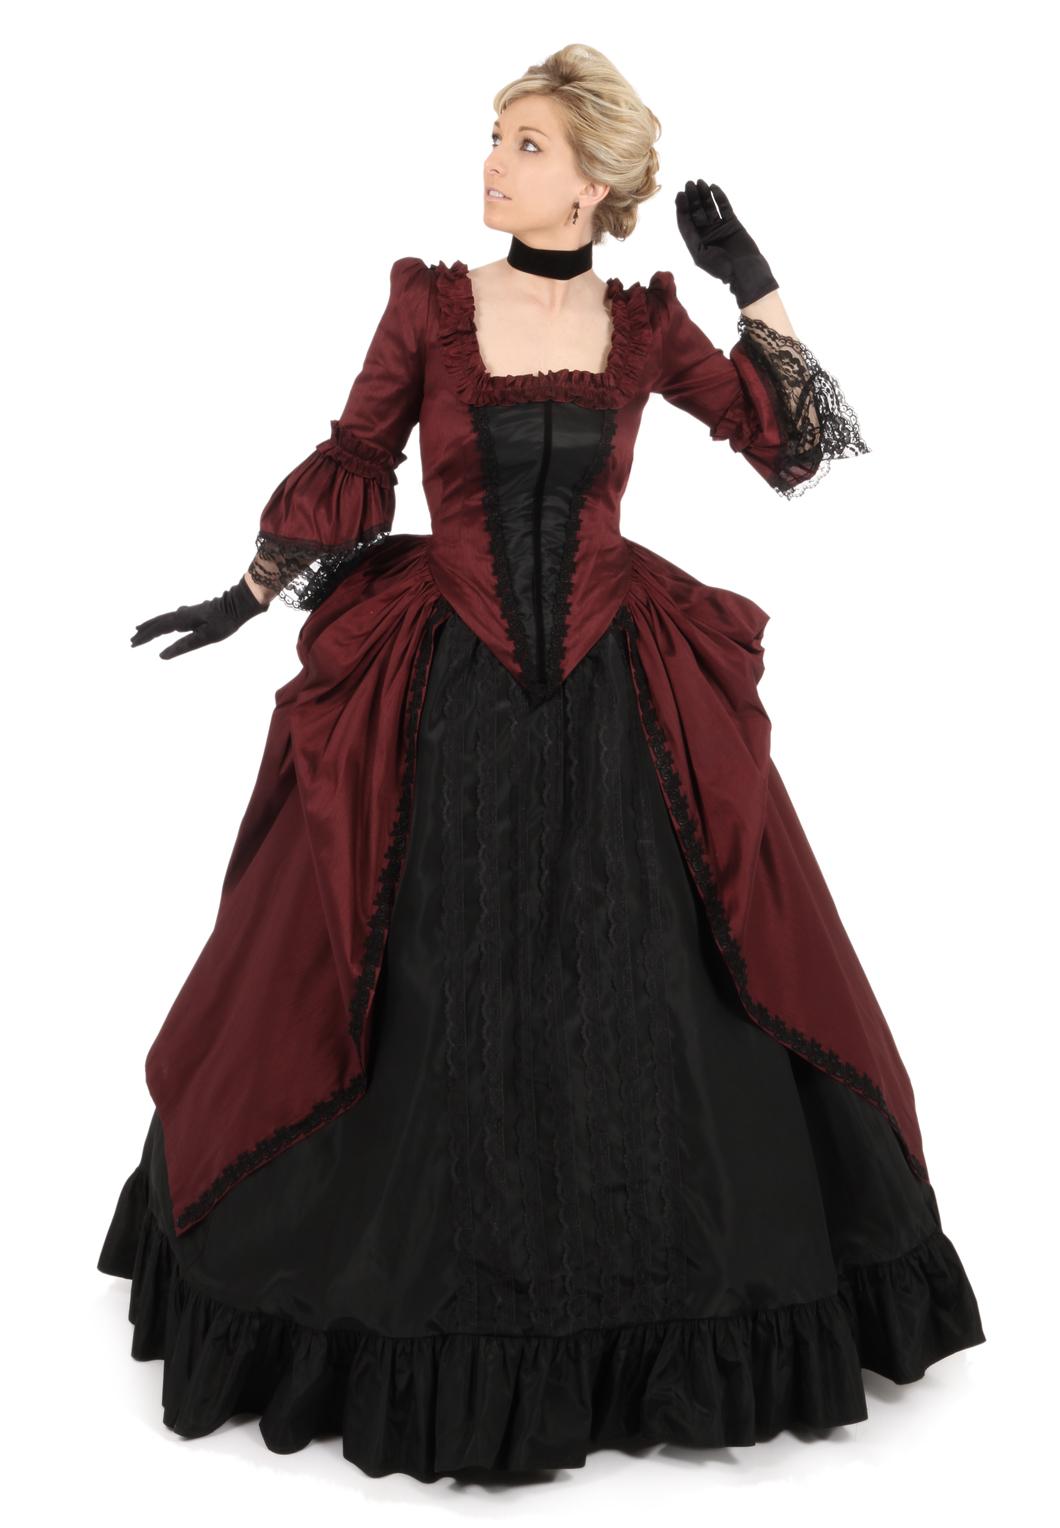 Bernardina Fancy Ball Gown Recollections